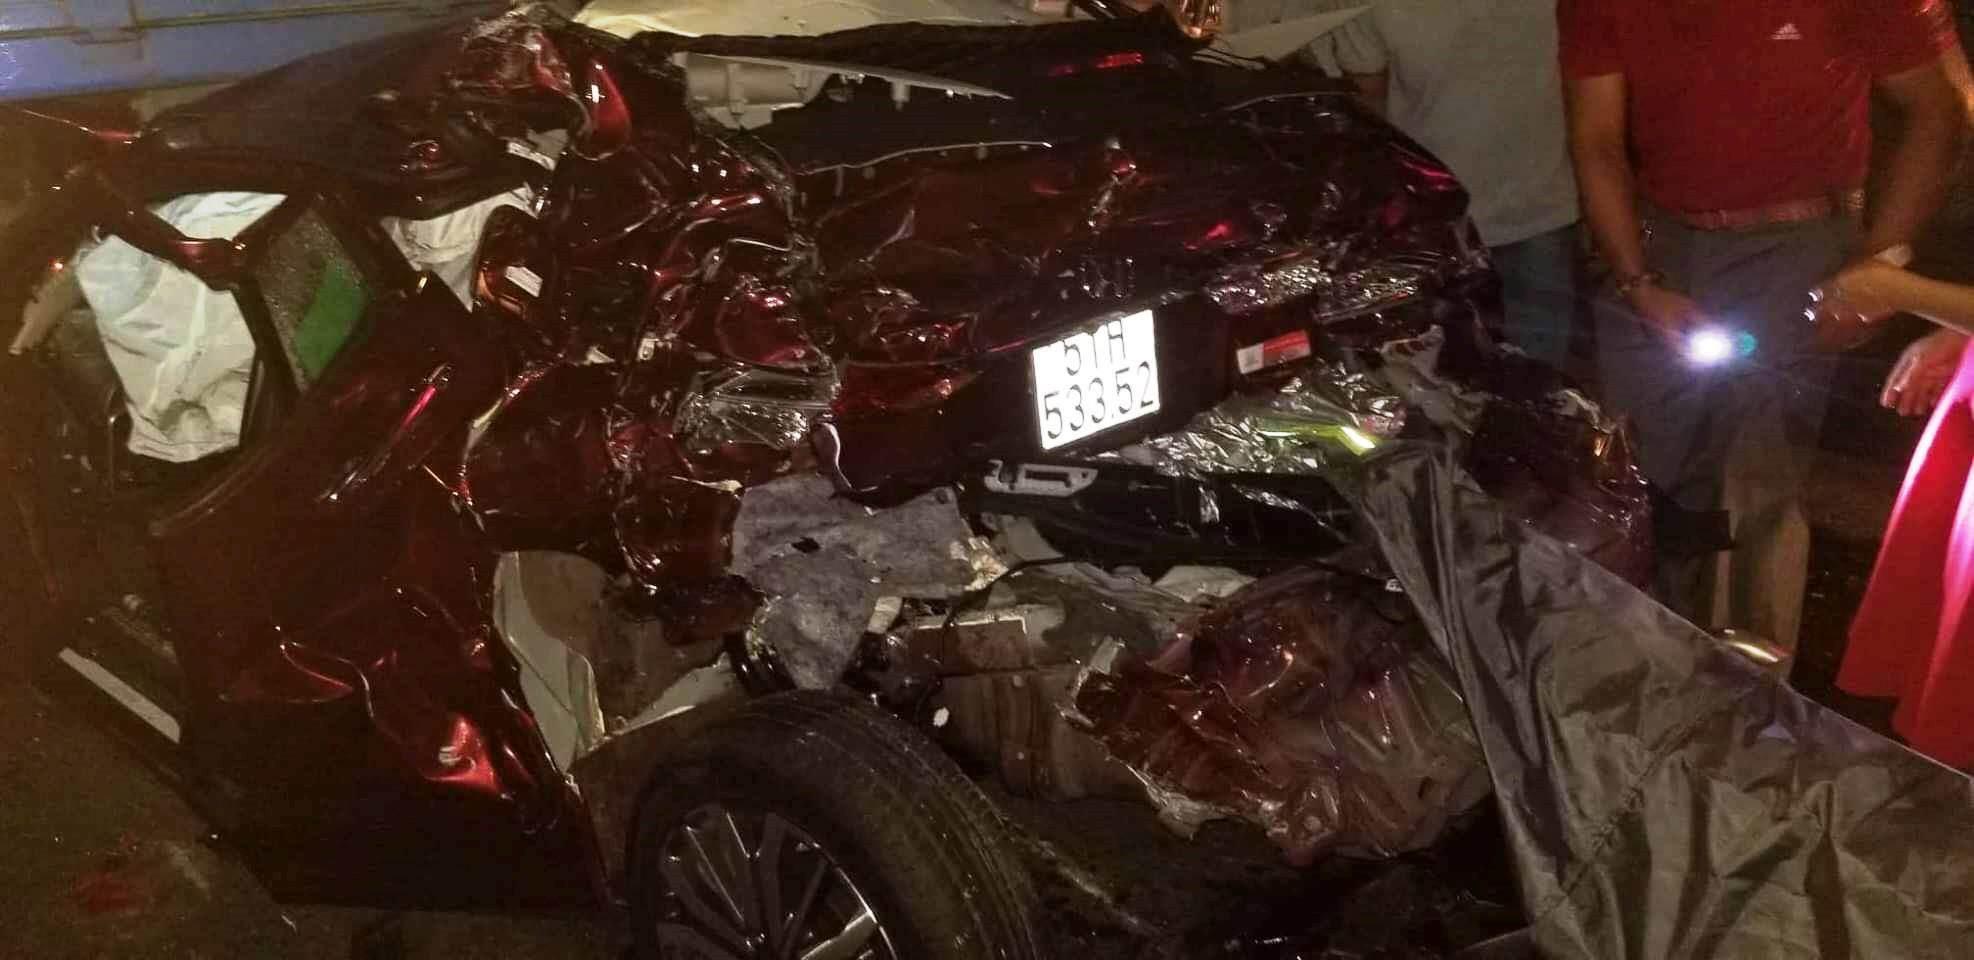 Tin tức tai nạn giao thông ngày 23/8: 'Xế hộp' nát bét giữa 2 xe tải, 4 người thoát chết 1